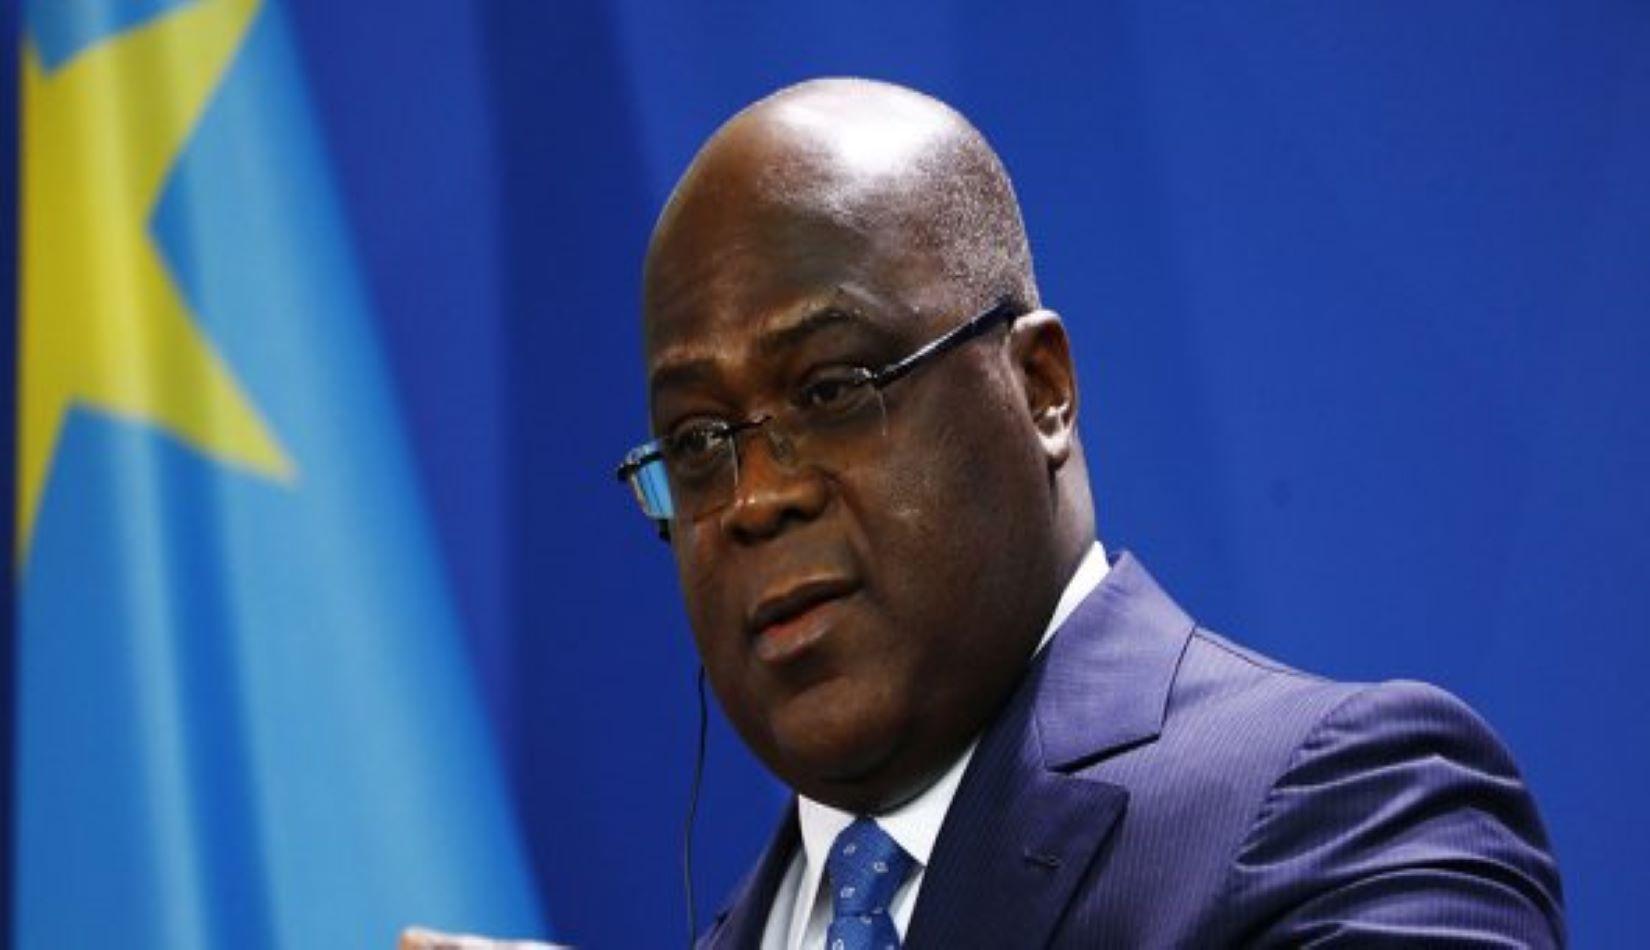 RDC: Félix Tshisekedi, un allié dangereux ou un stratège politique ?